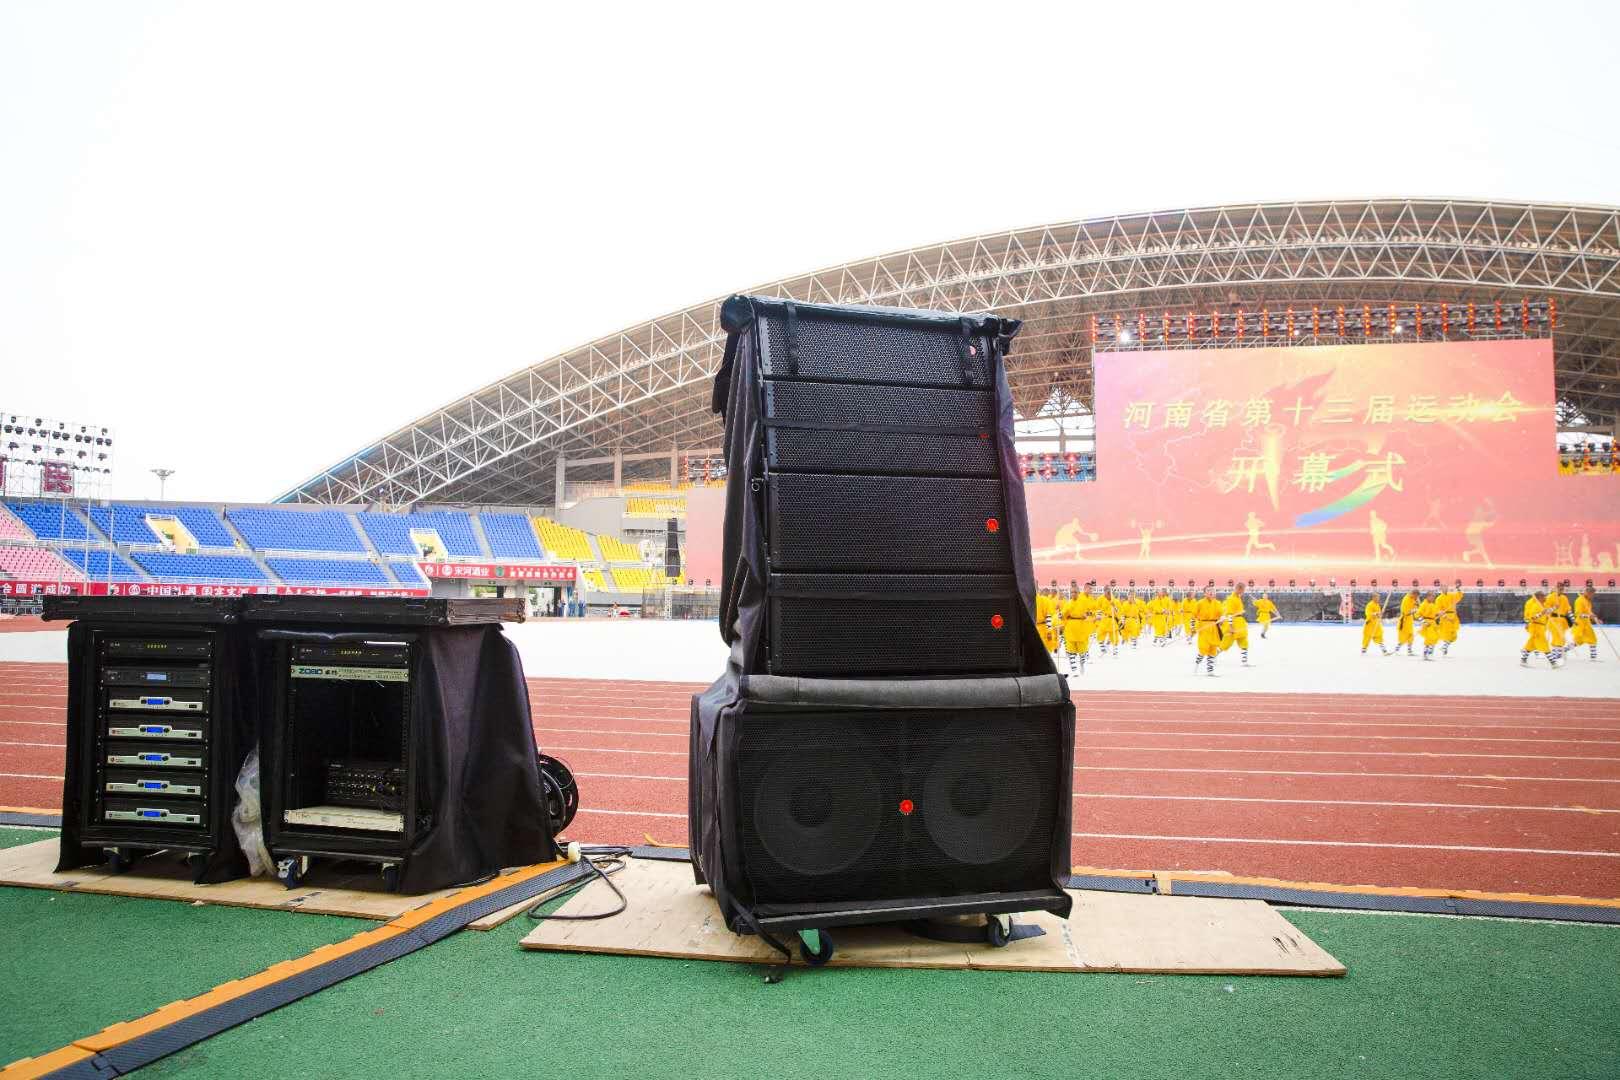 专业音响设备在体育场中的设计与调试